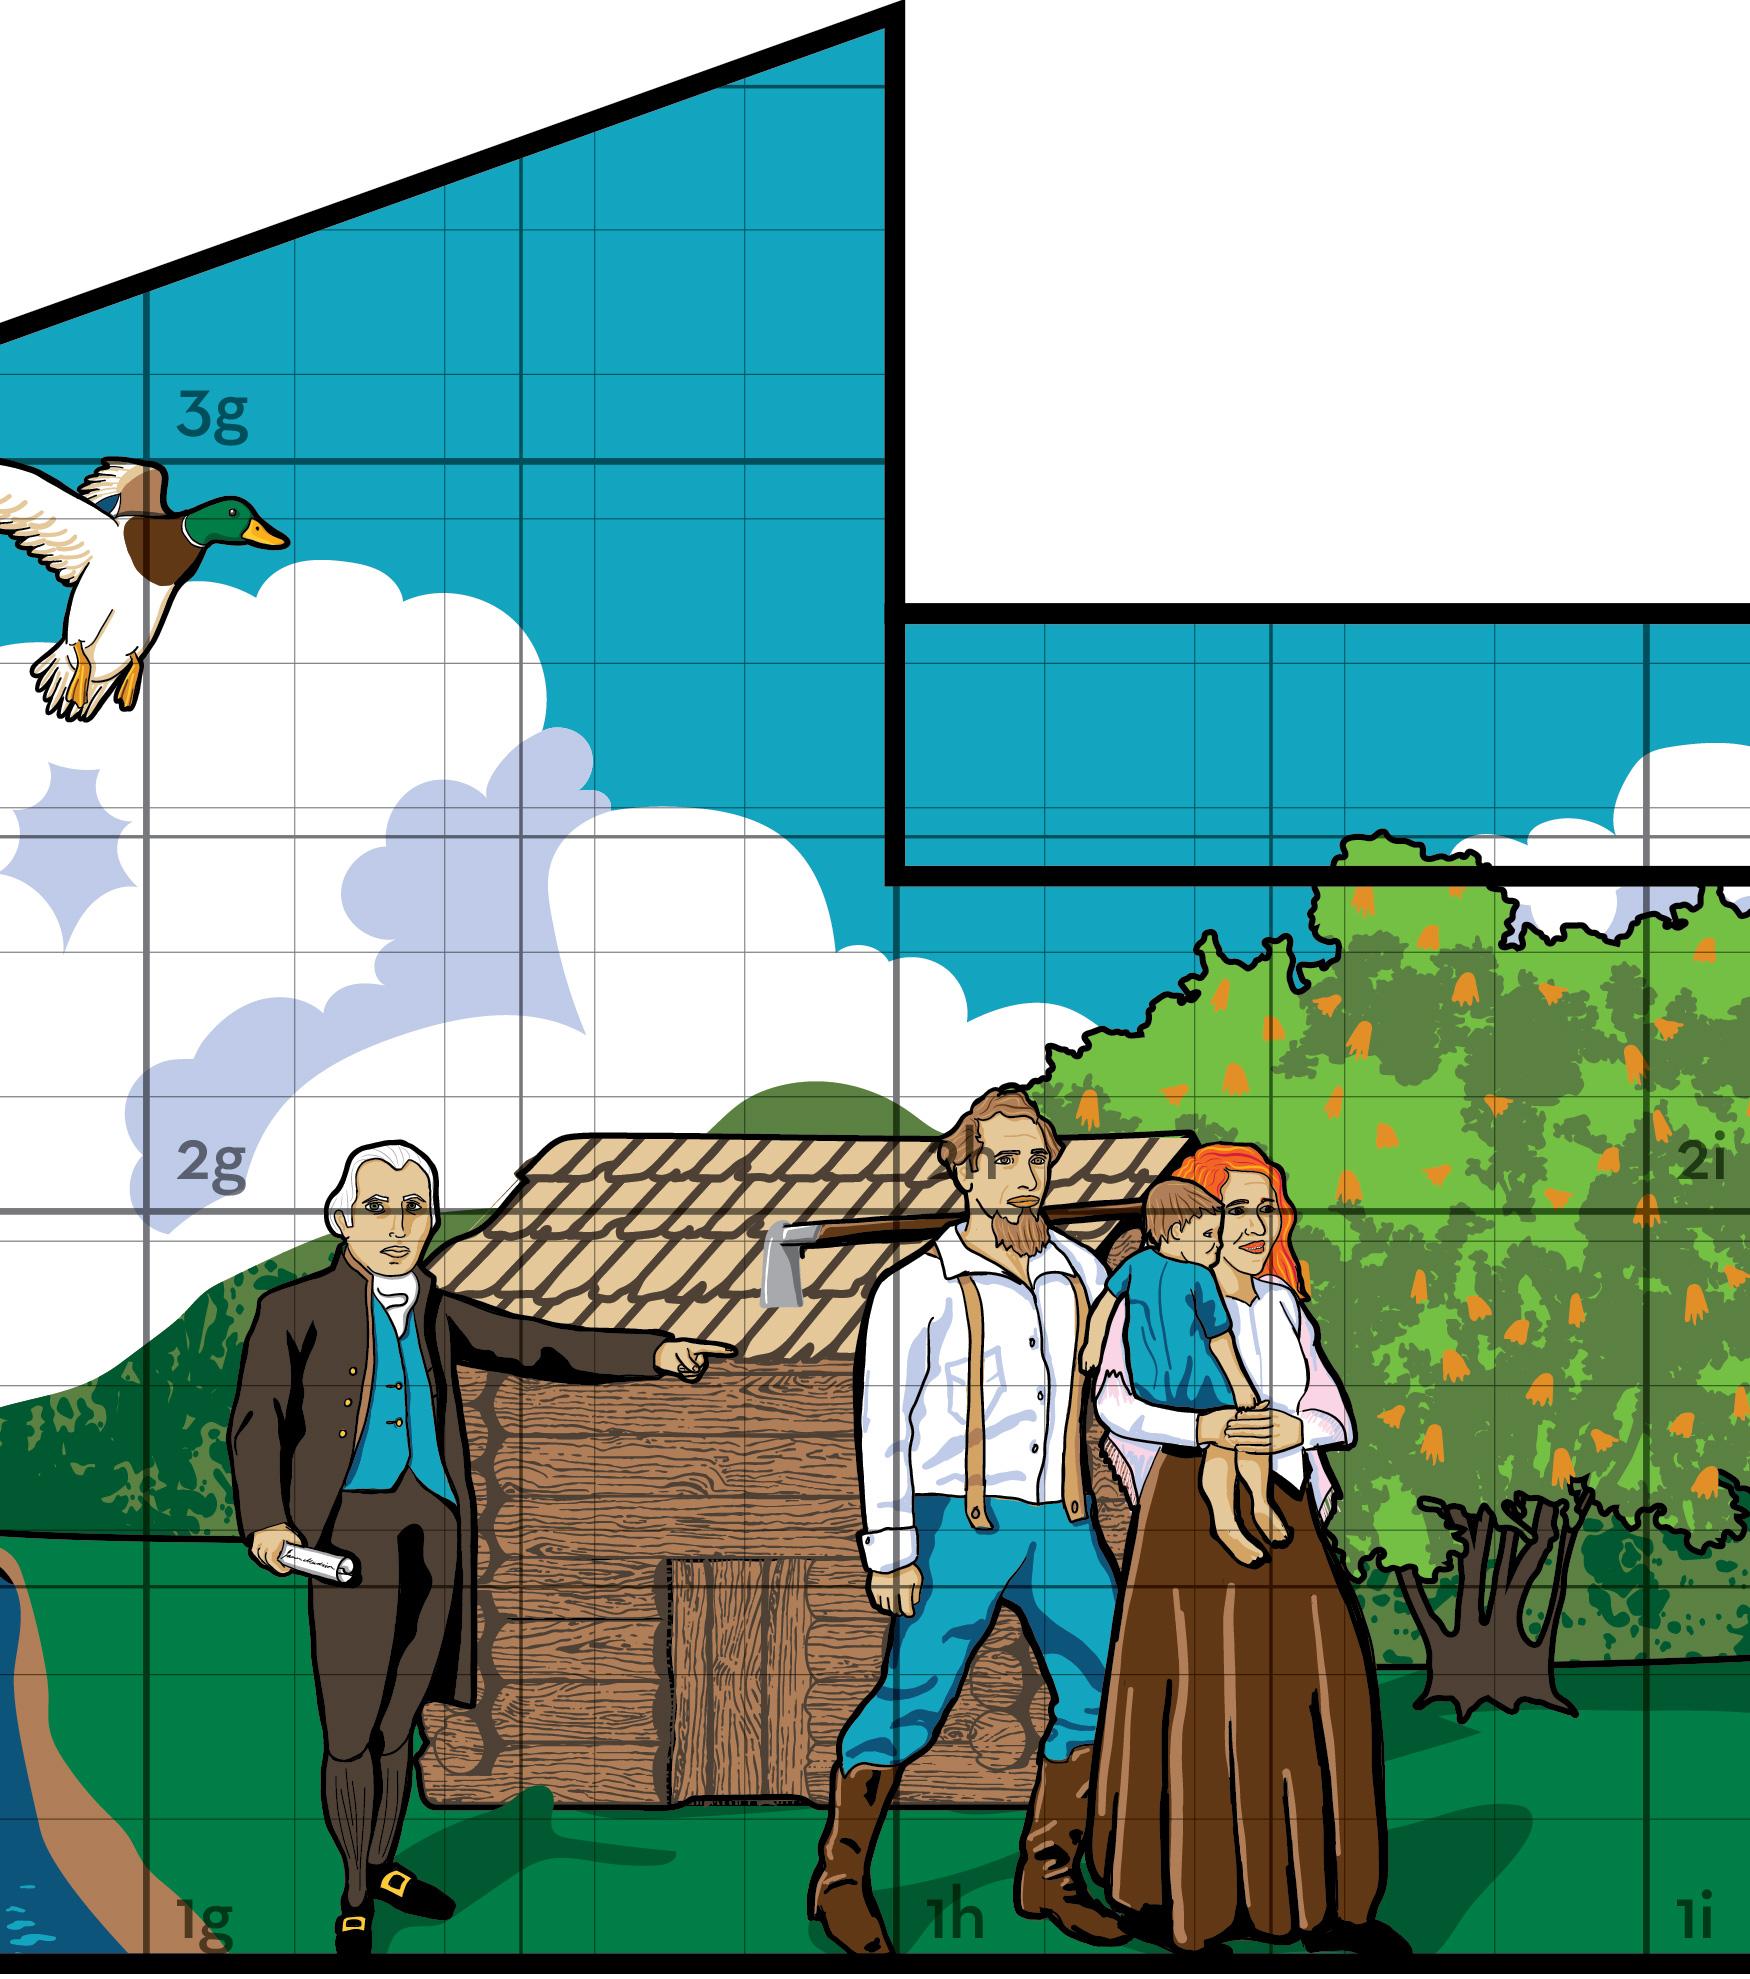 170610_Madisonville_Mural_Illustrated_WIP_Madville_1809.jpg